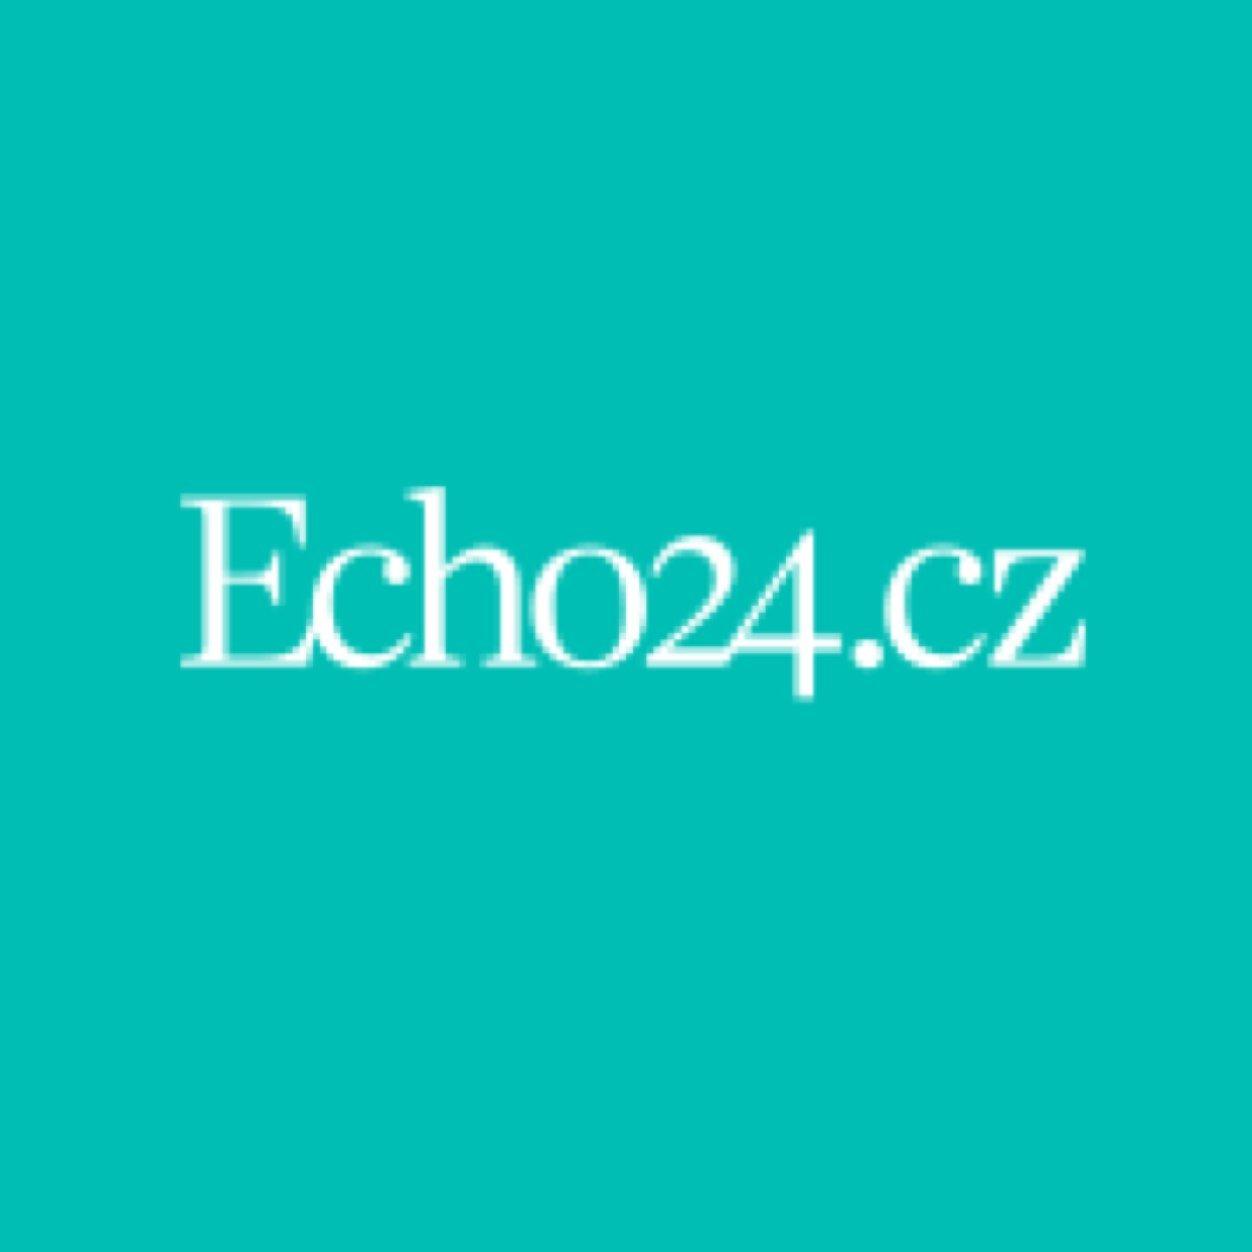 @echo24cz